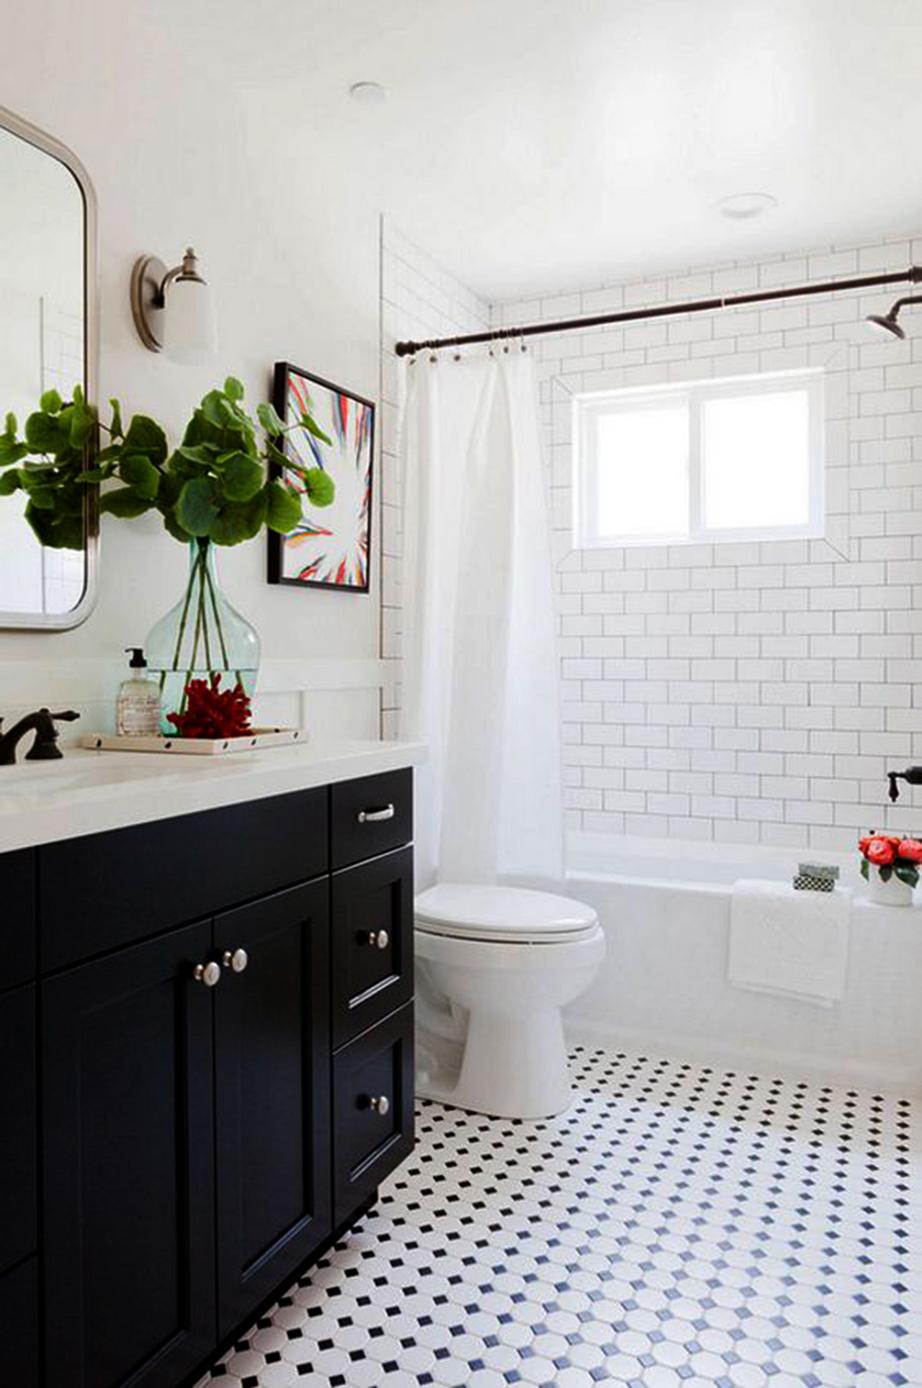 Το ένα και μοναδικό έπιπλο του μπάνιου σε μαύρη απόχρωση καταφέρνει να σπάσει την πολιορκία του λευκού.